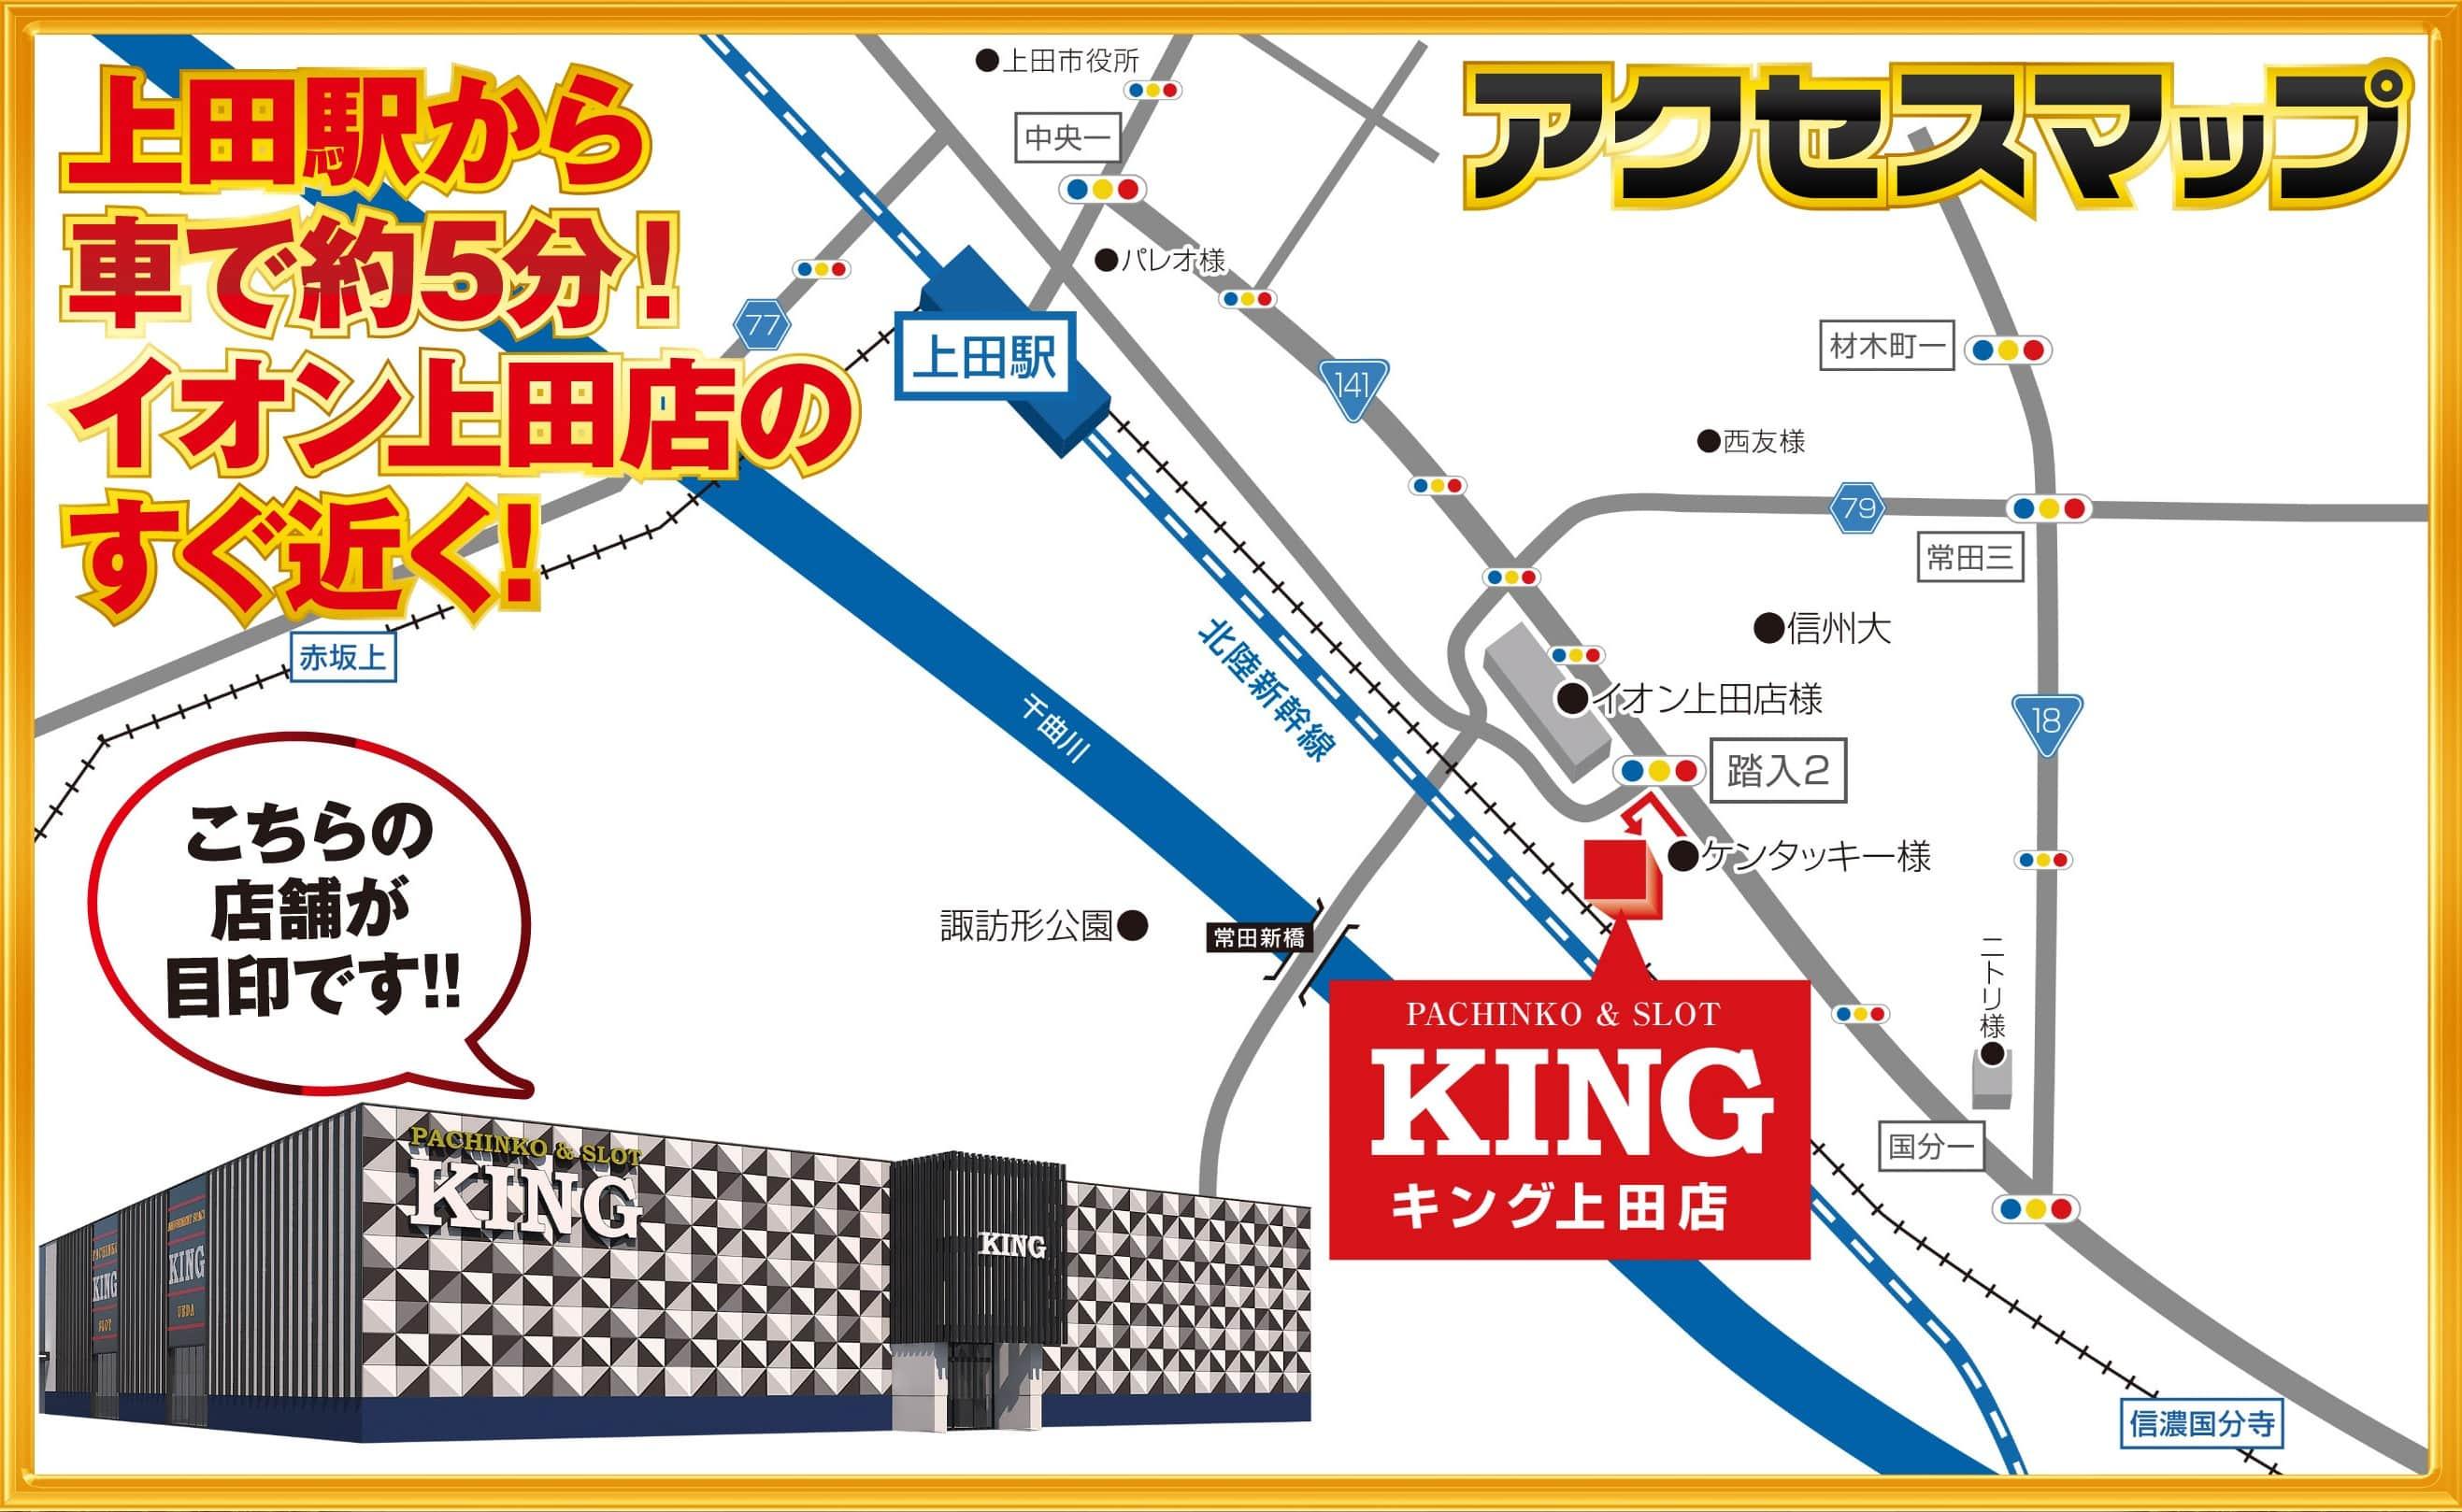 長野県 キング会館上田店 上田市踏入 案内図